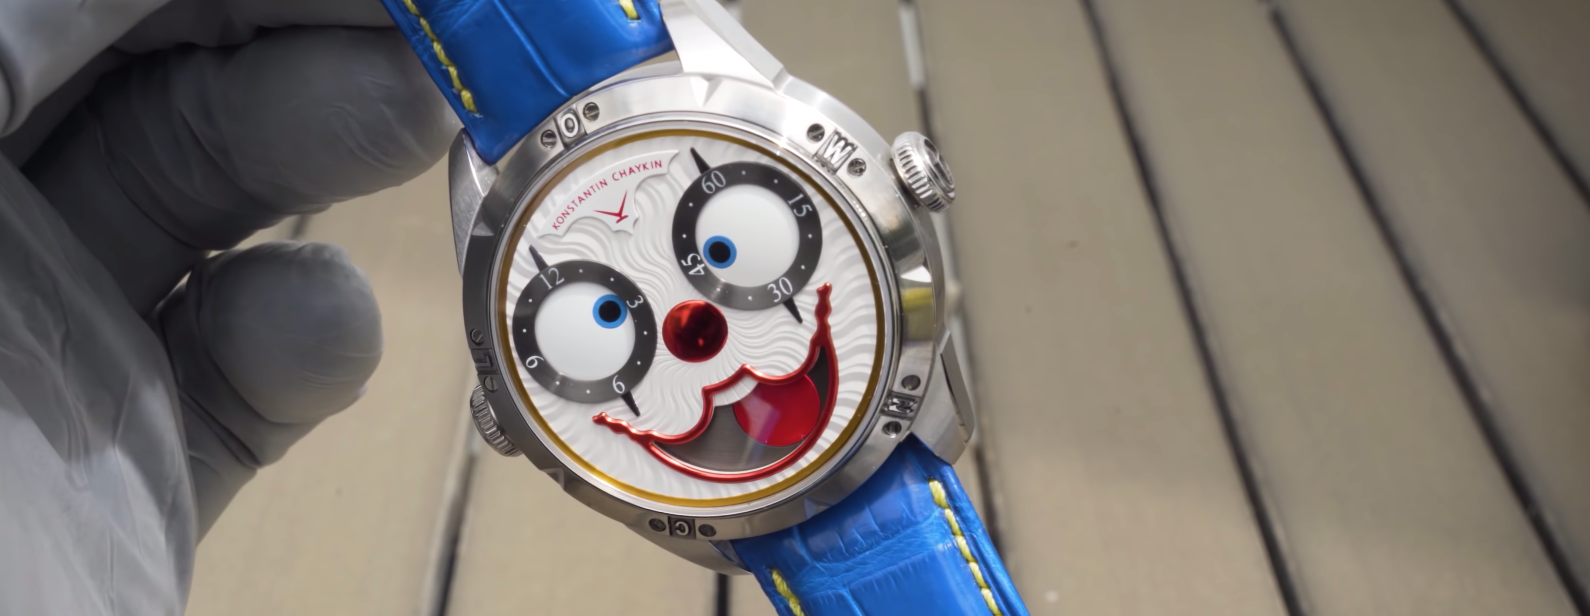 De beroemde Amerikaanse producent gaf de voorkeur aan het horloge van de Russische fabrikant